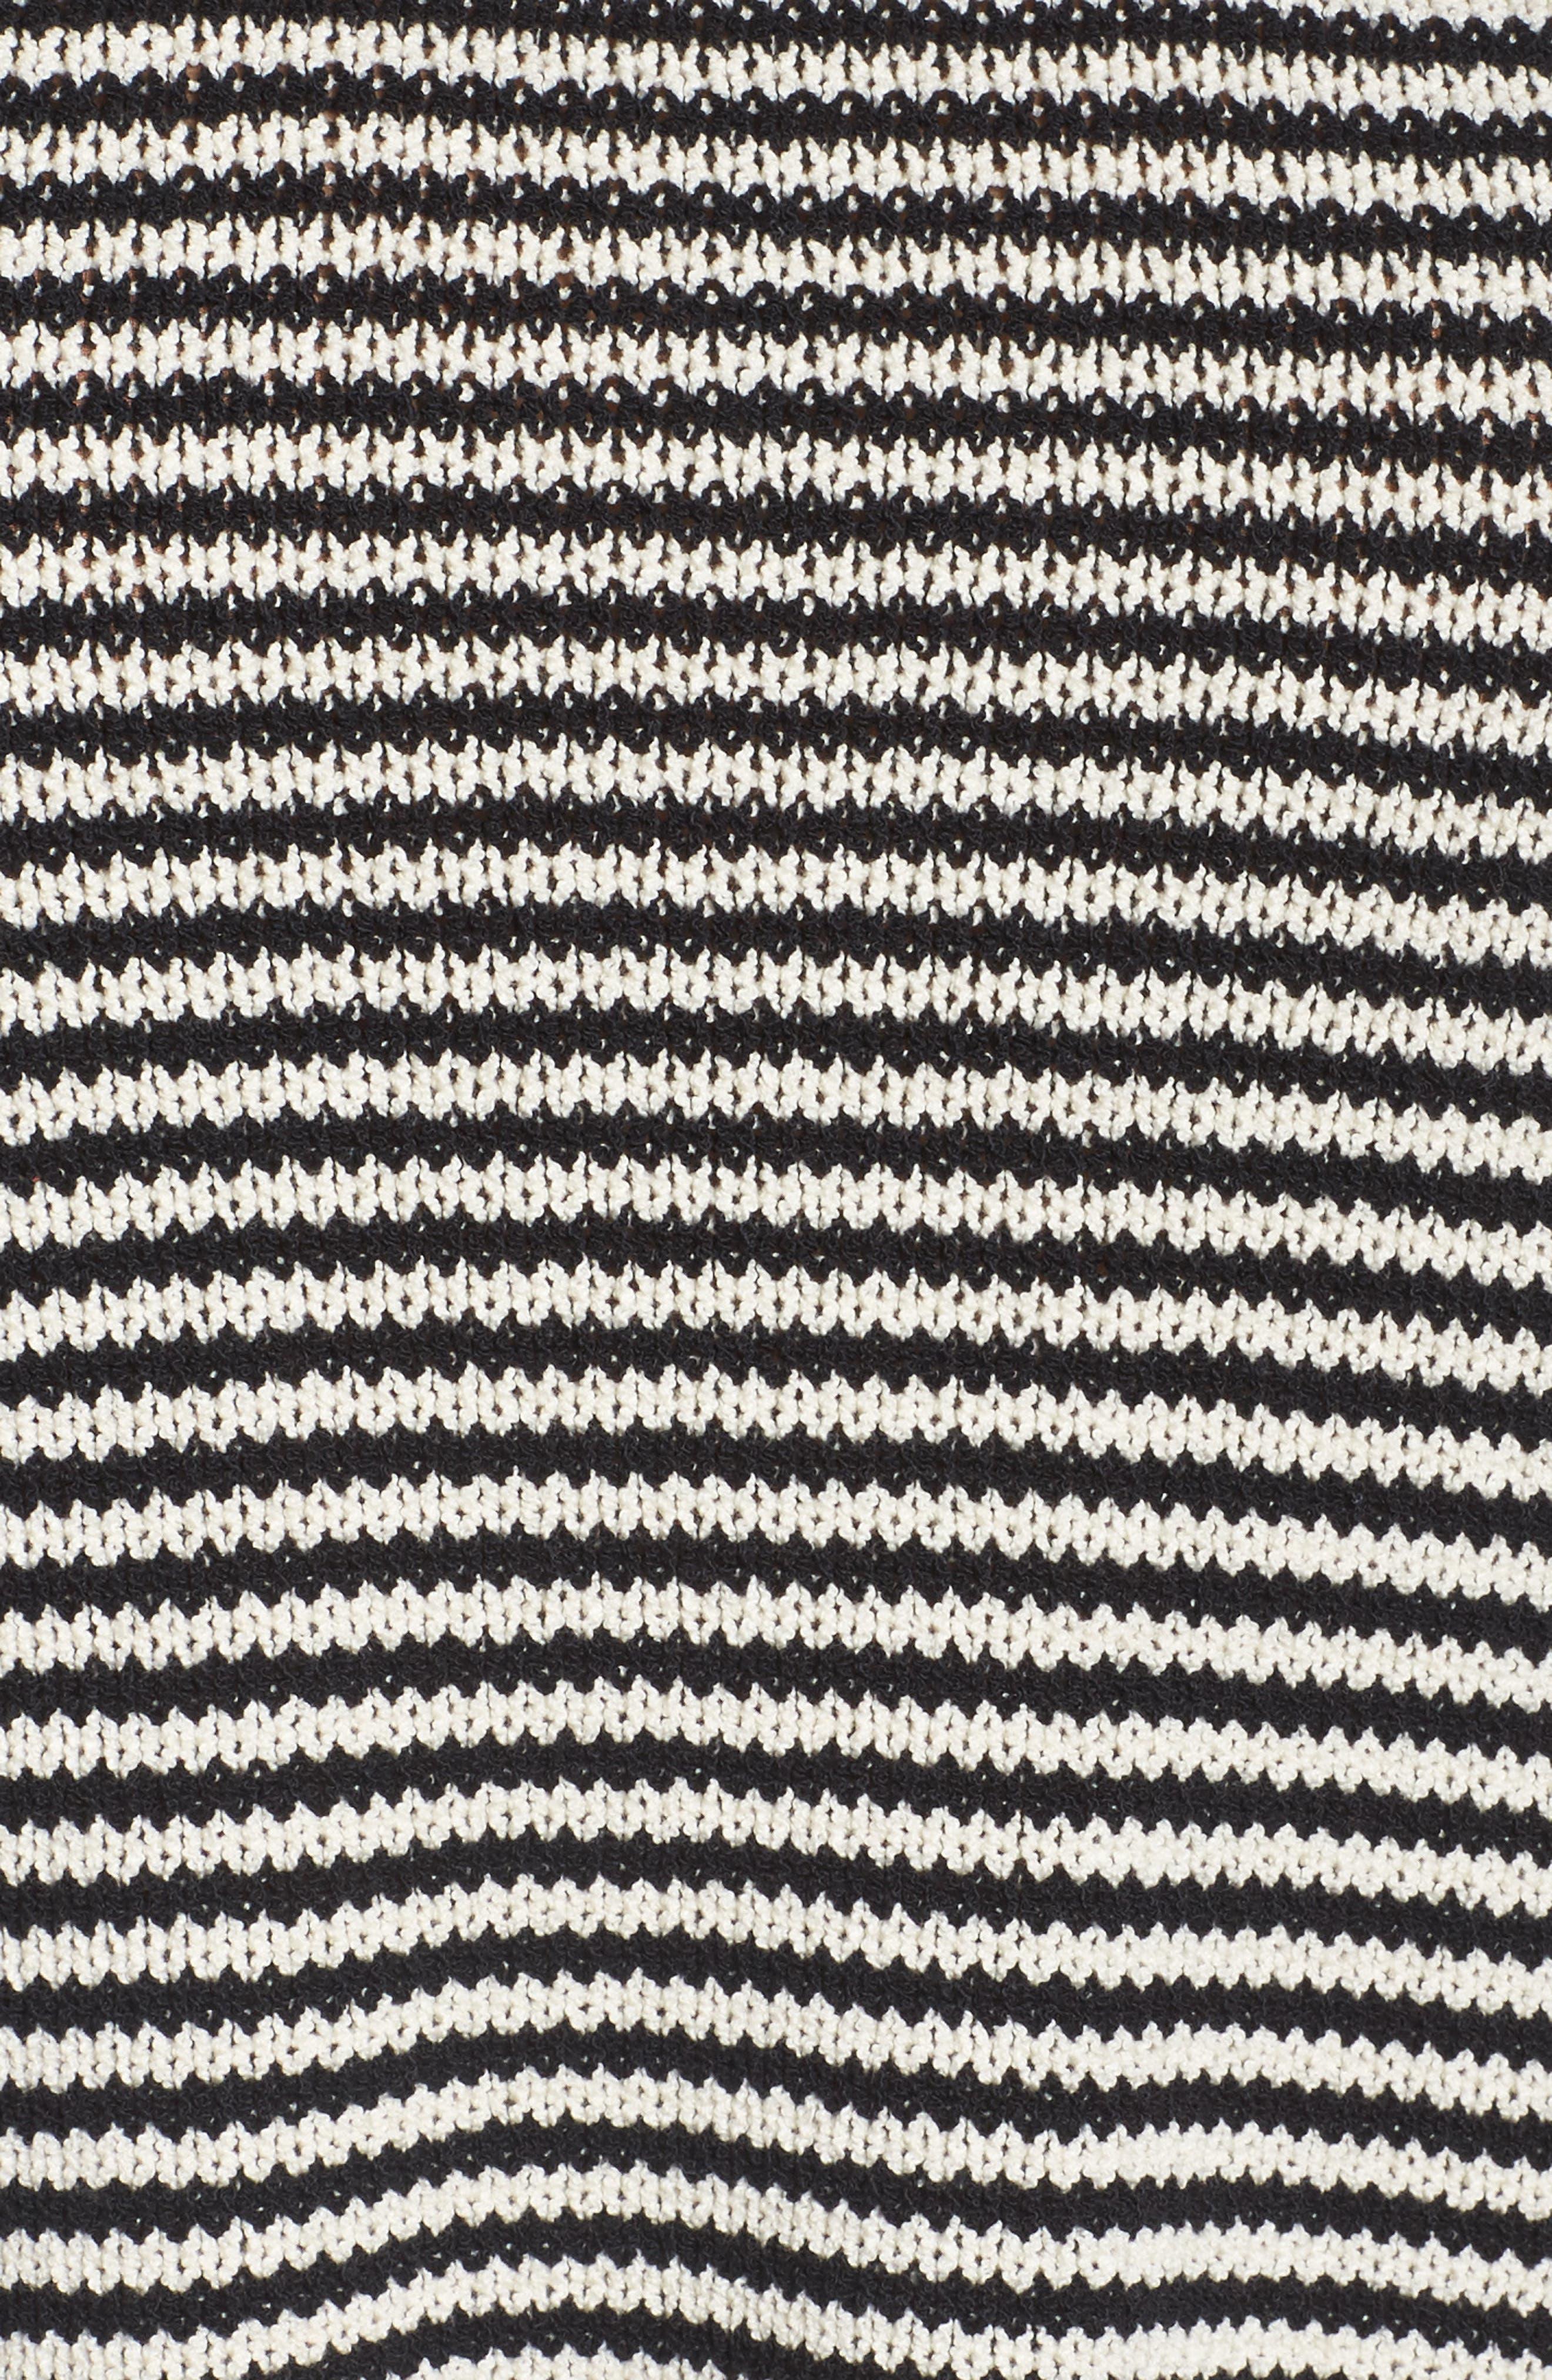 Stripe Cotton Blend Knit Top,                             Alternate thumbnail 5, color,